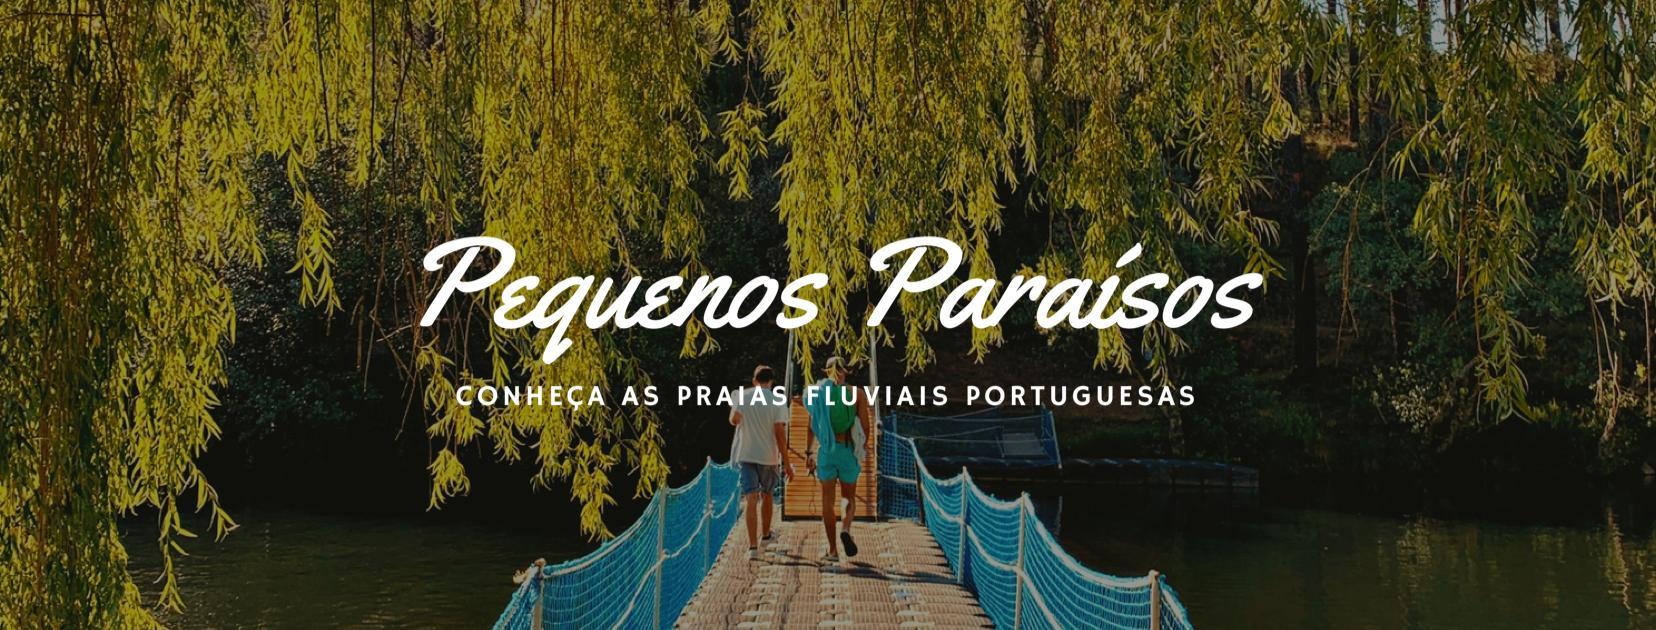 Pequenos Paraísos